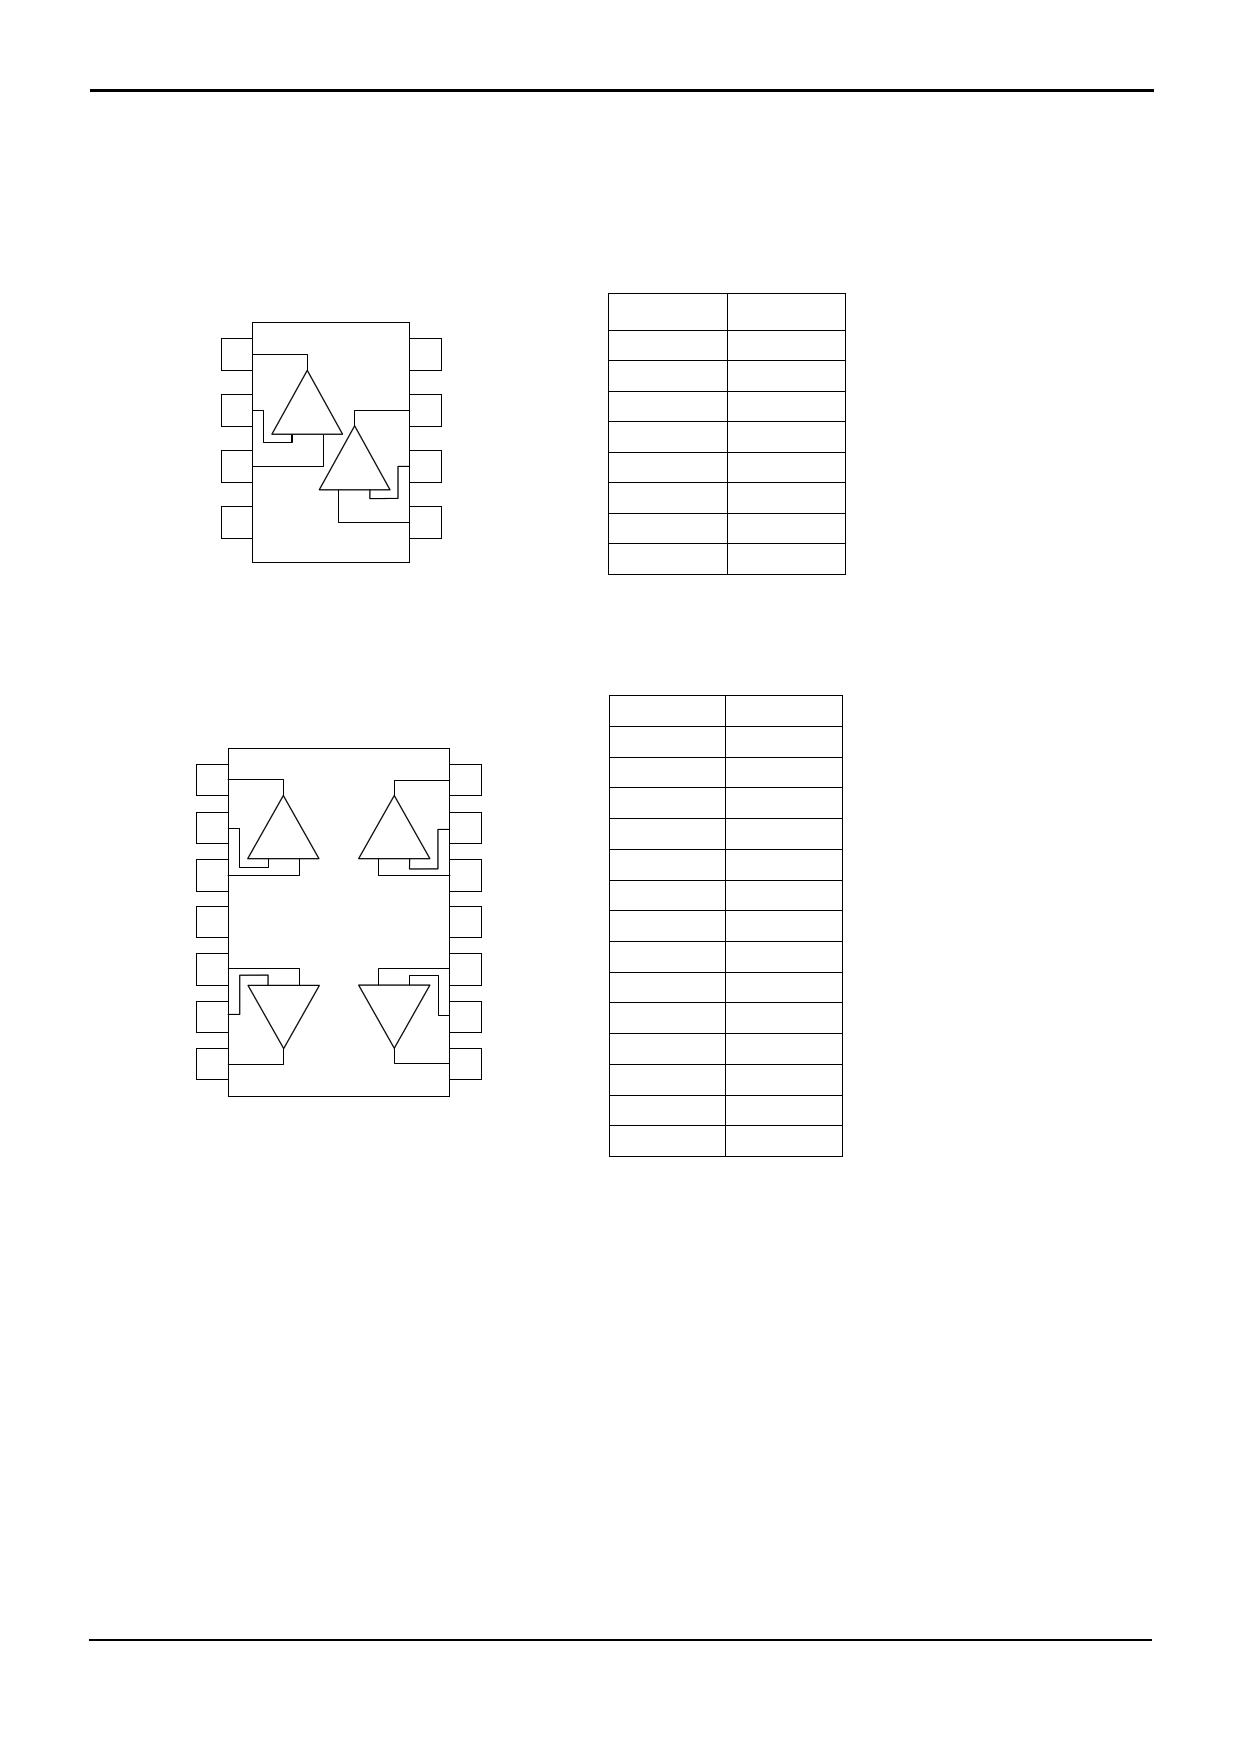 TLR342FVJ pdf, schematic